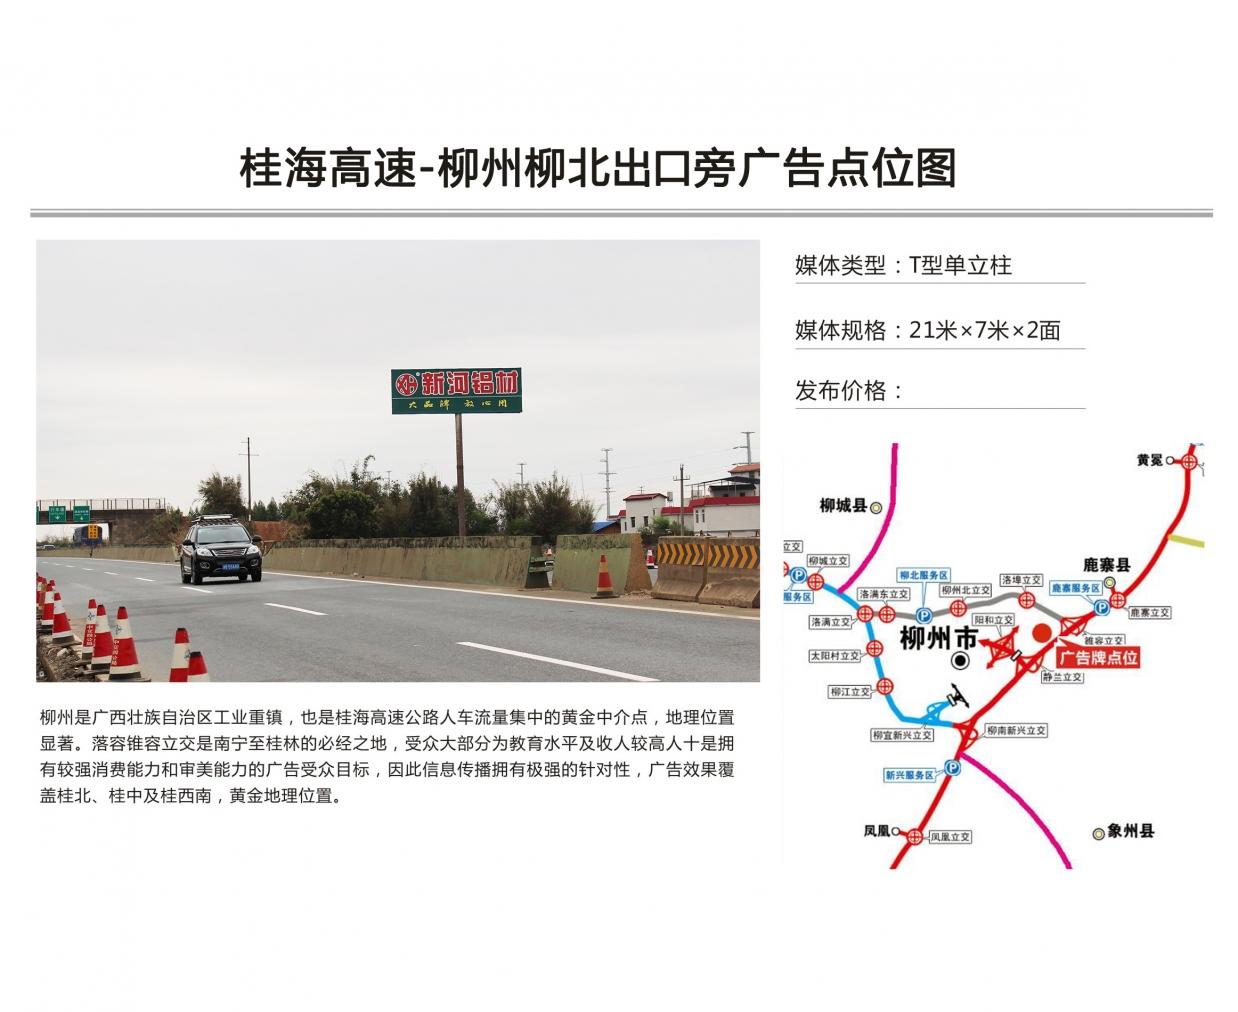 桂海高速-柳州柳北出口旁2广告点位图